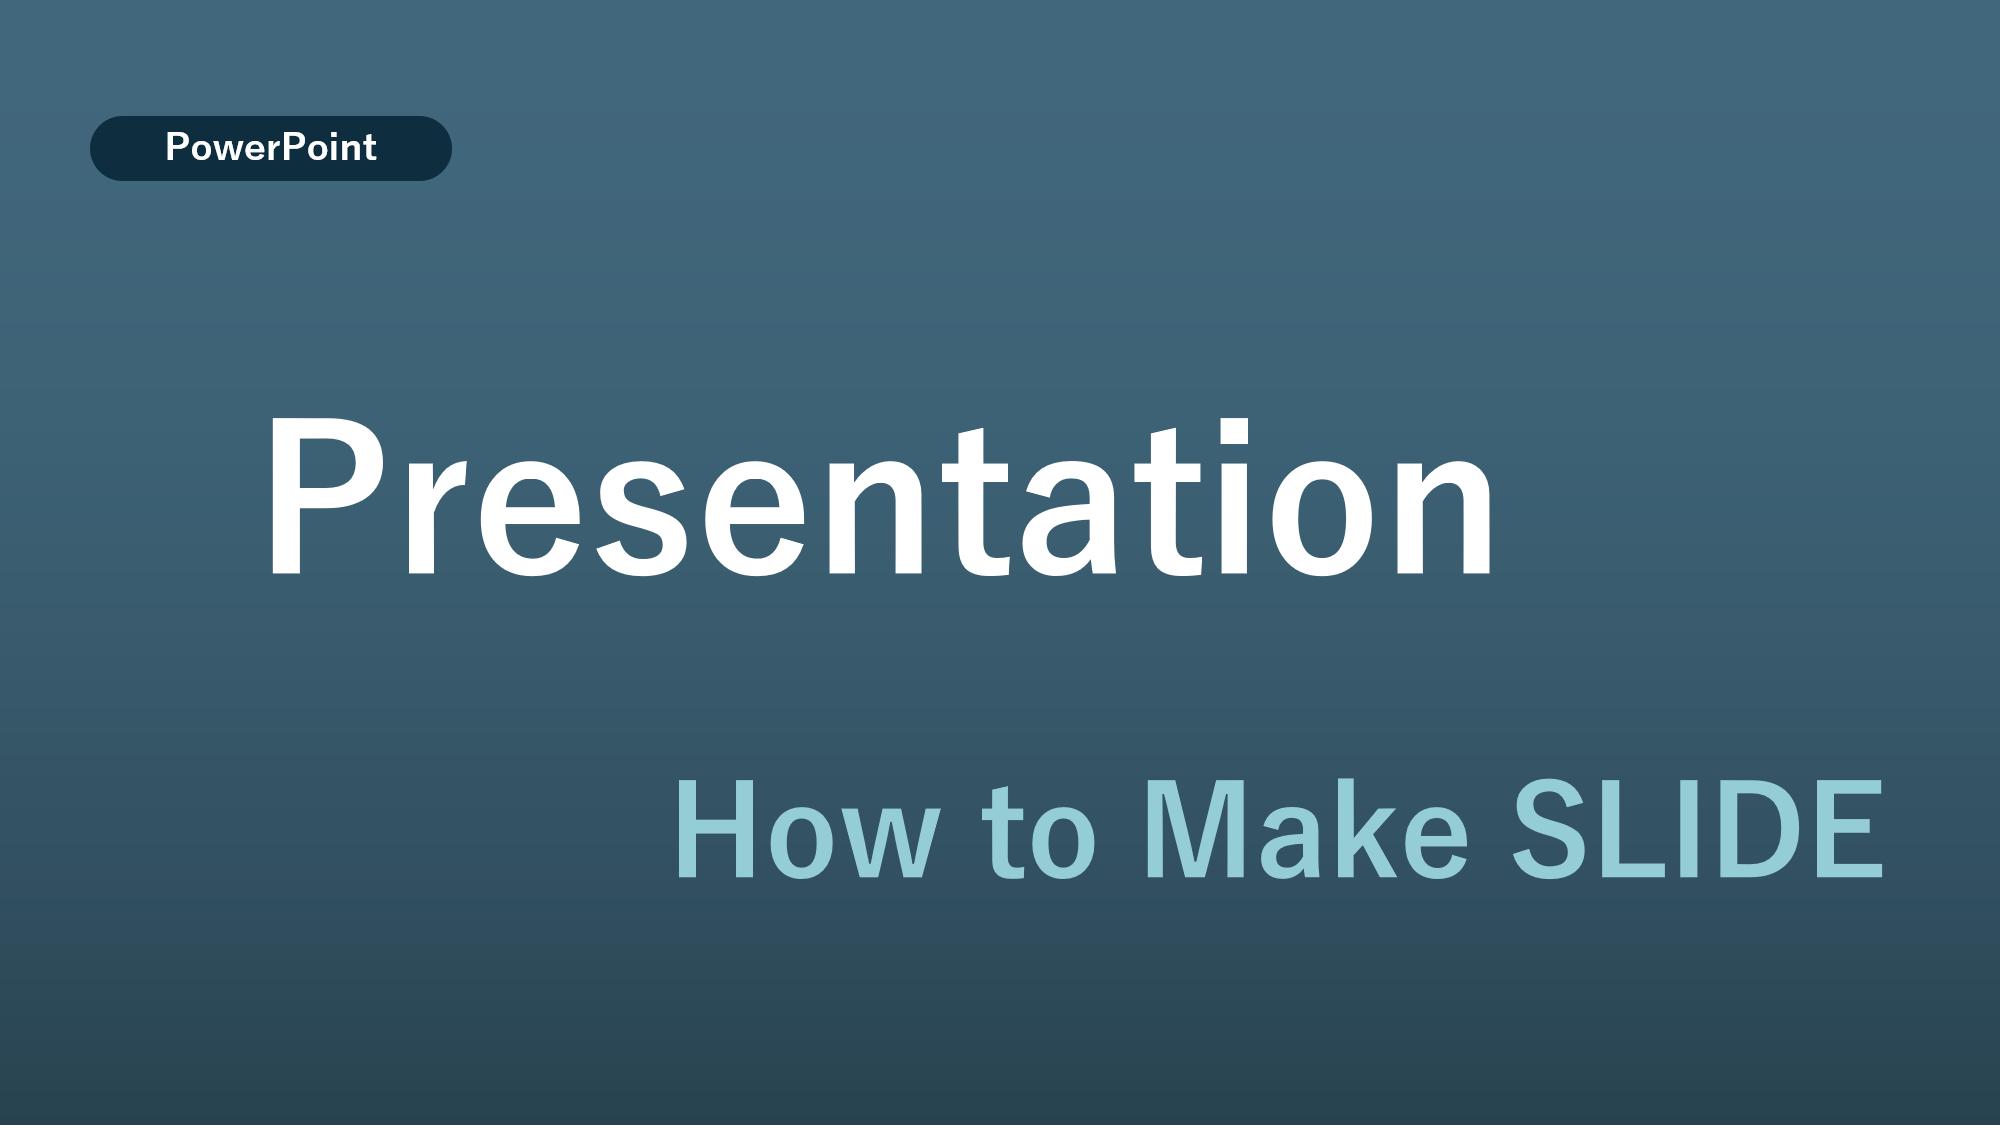 プレゼンテーションを成功に導くスライド作成方法【PowerPoint】⓪